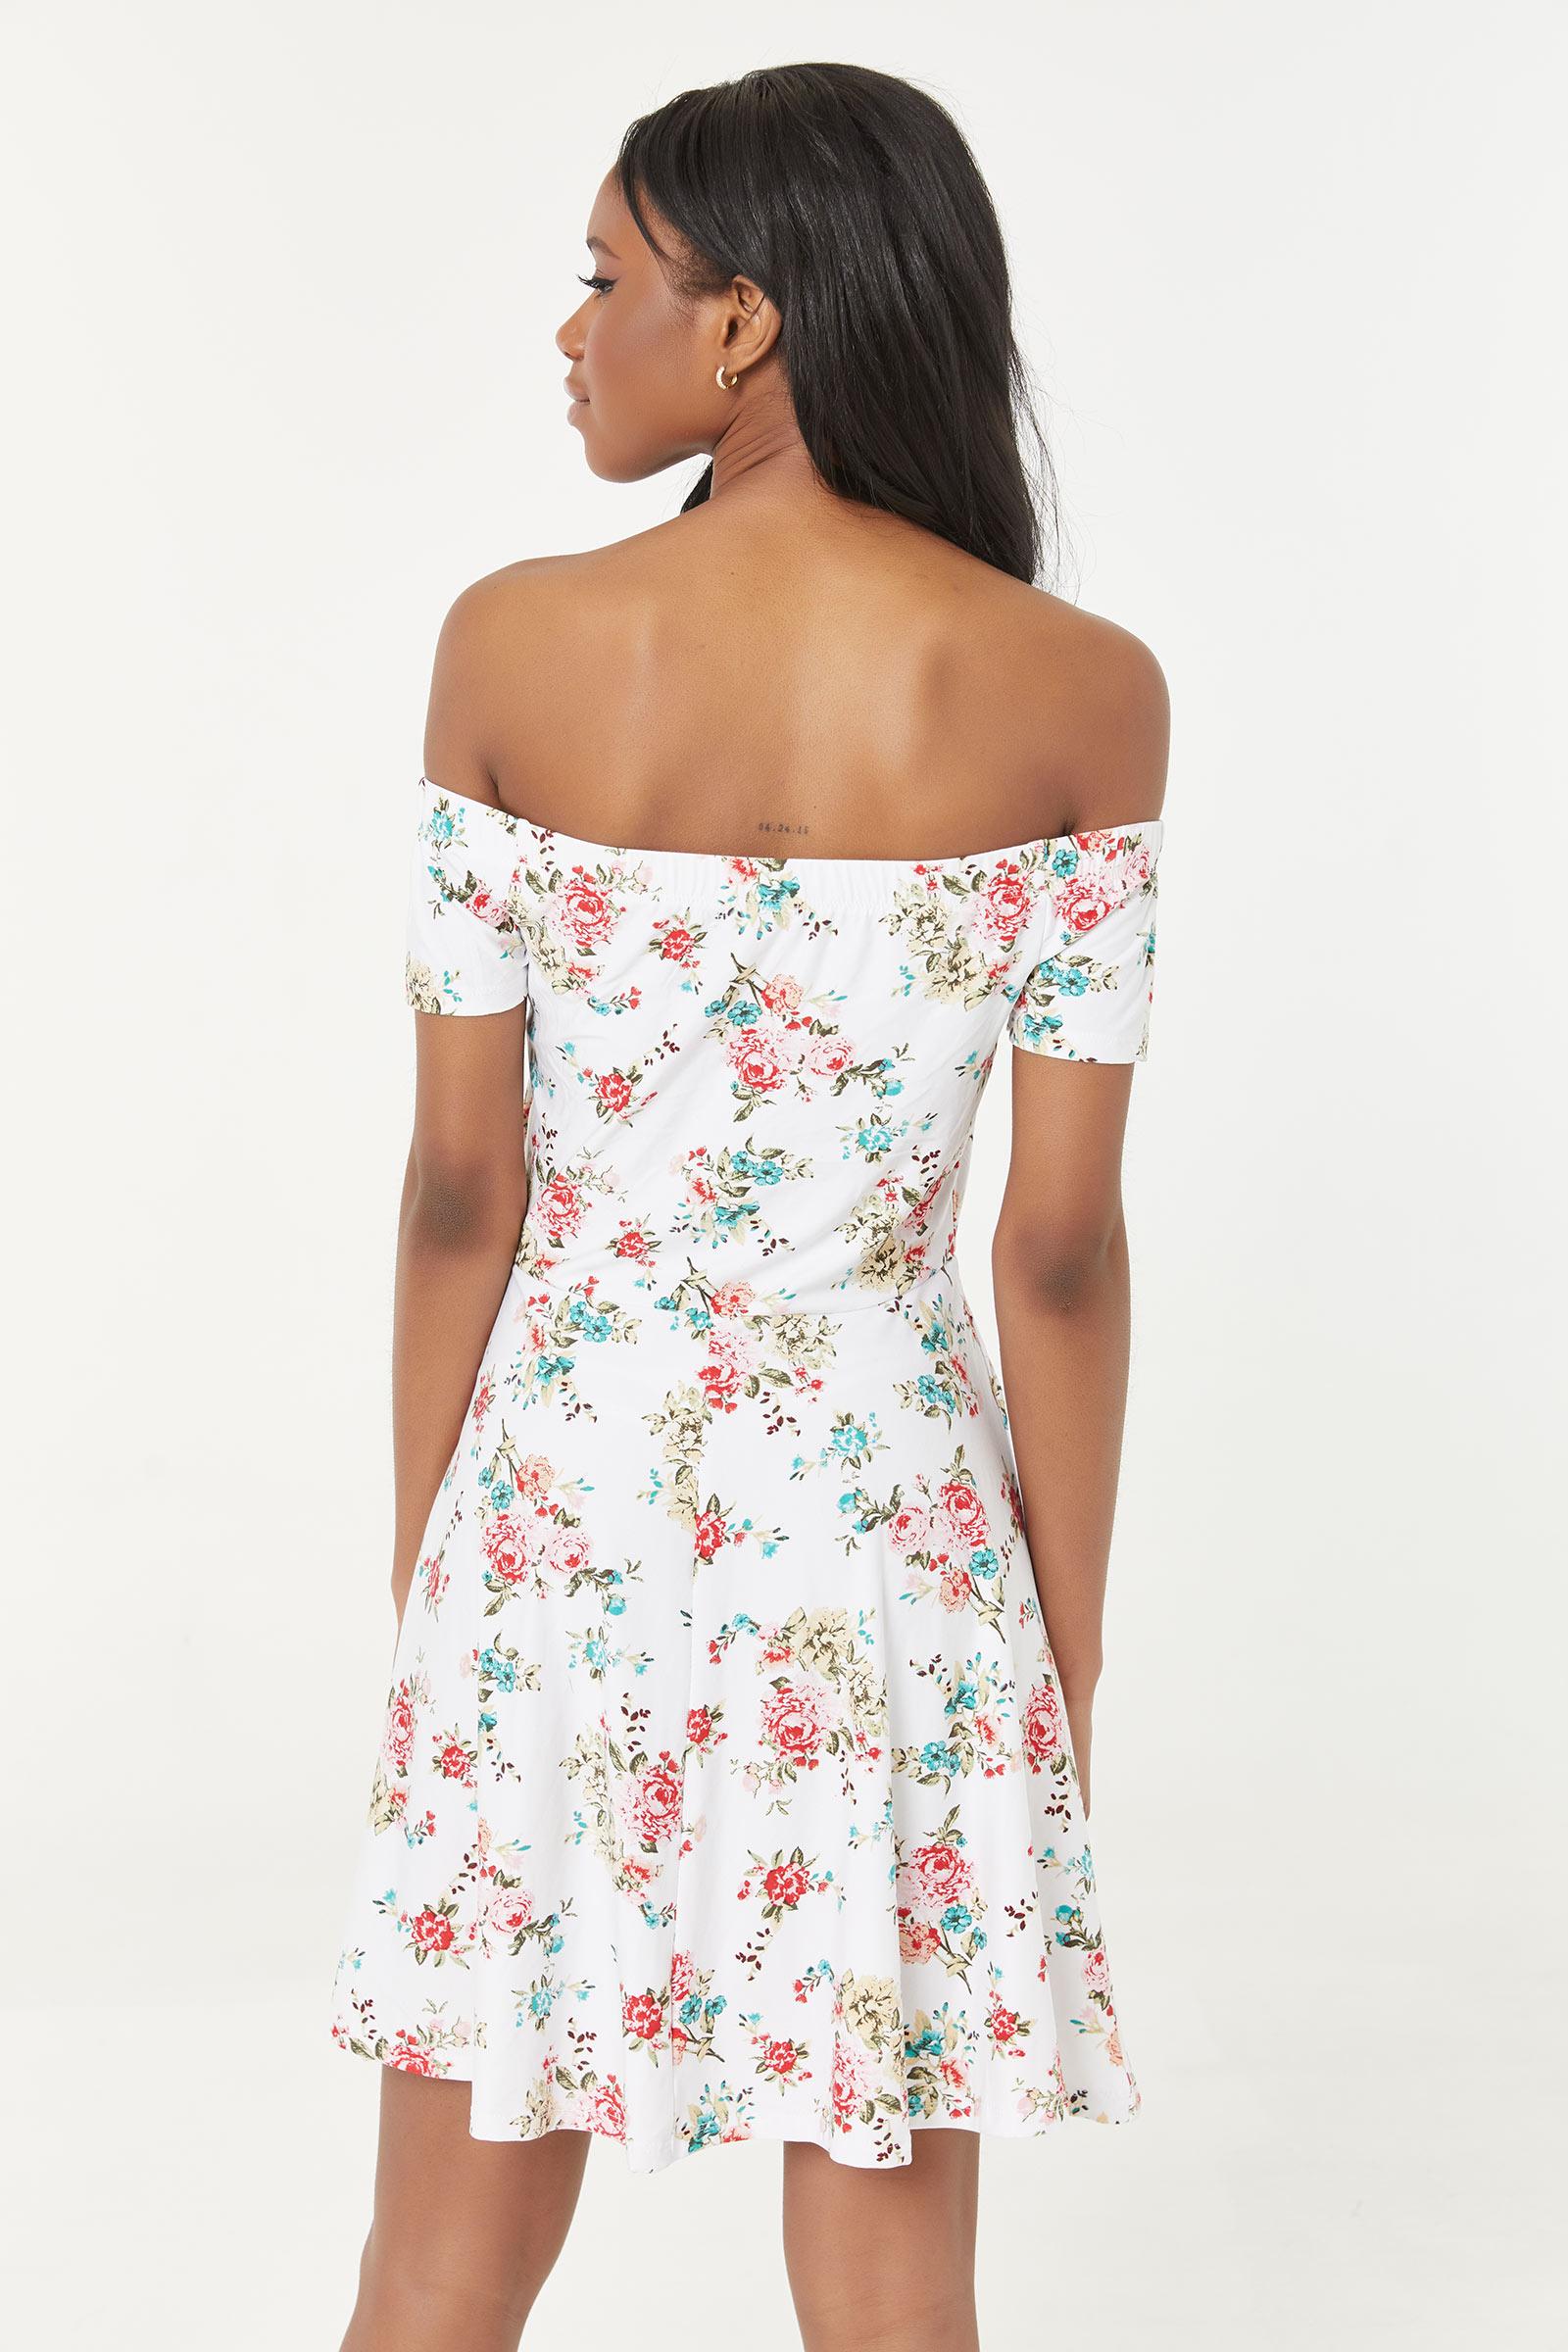 Off-Shoulder Floral Mini Dress